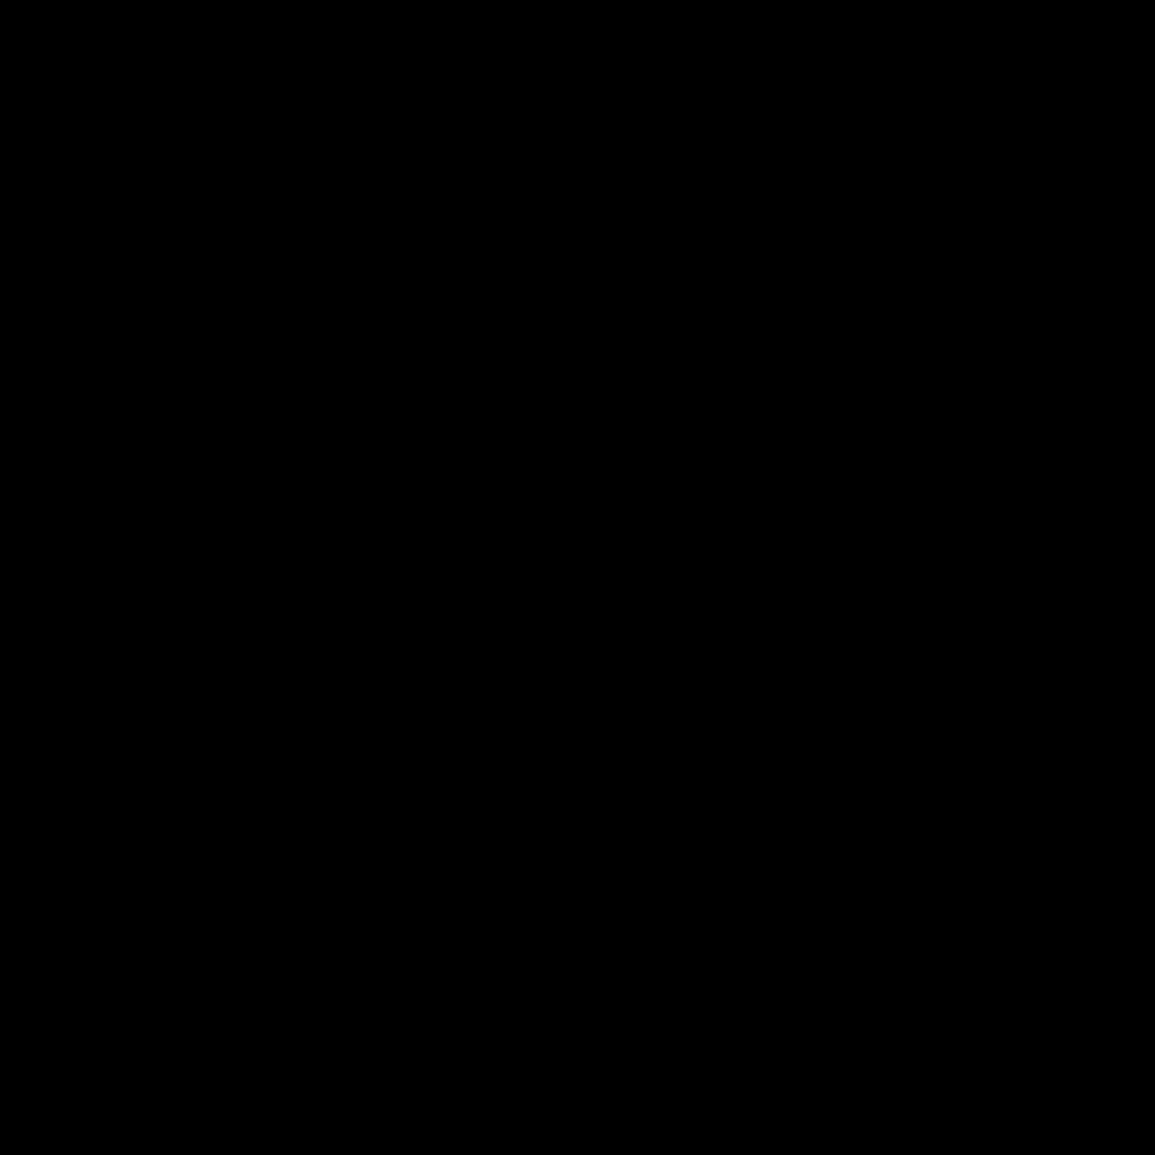 ナール E ENAR 字形見本